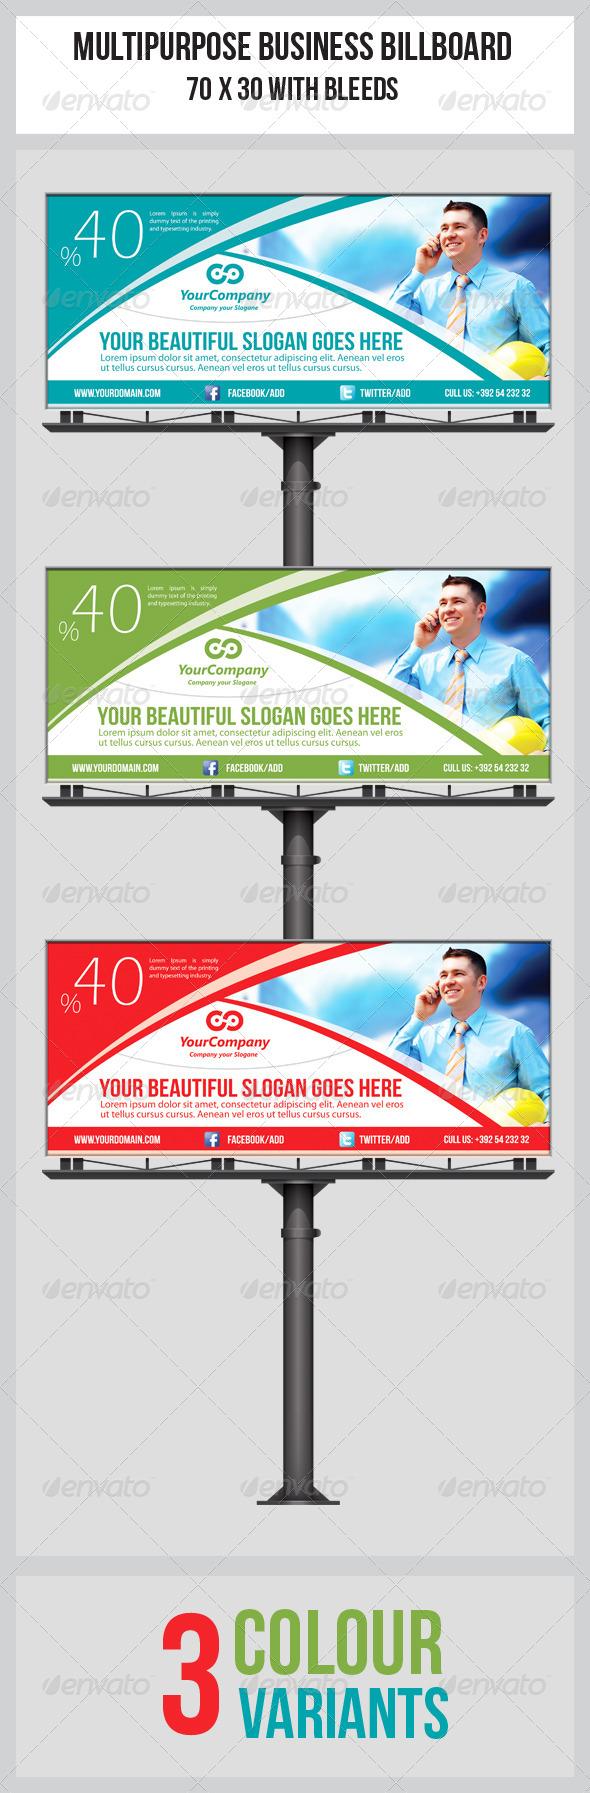 GraphicRiver Multipurpose Business Billboard Template 5038827